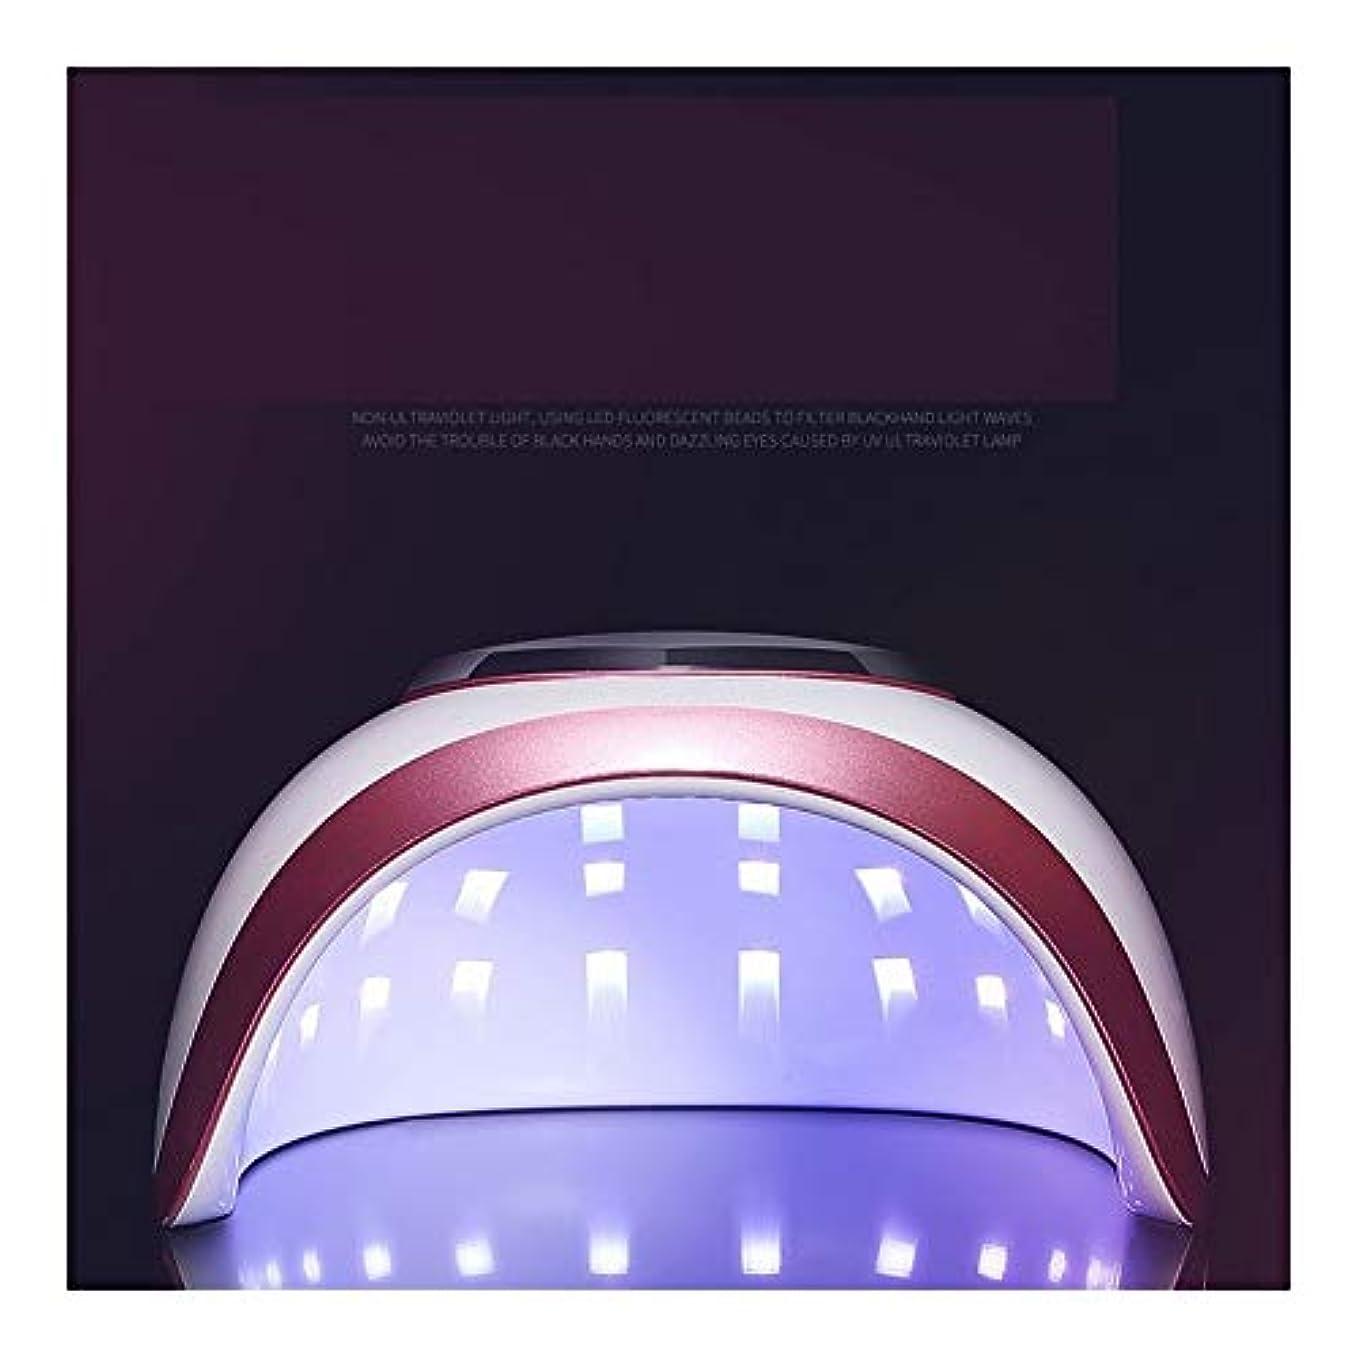 カートリッジイチゴミニチュアLittleCat 釘LEDランプライト療法機ドライヤーネイルグルーヒートランプ72W速乾性モードインテリジェントセンサー無痛 (色 : 72W red edge European regulations)